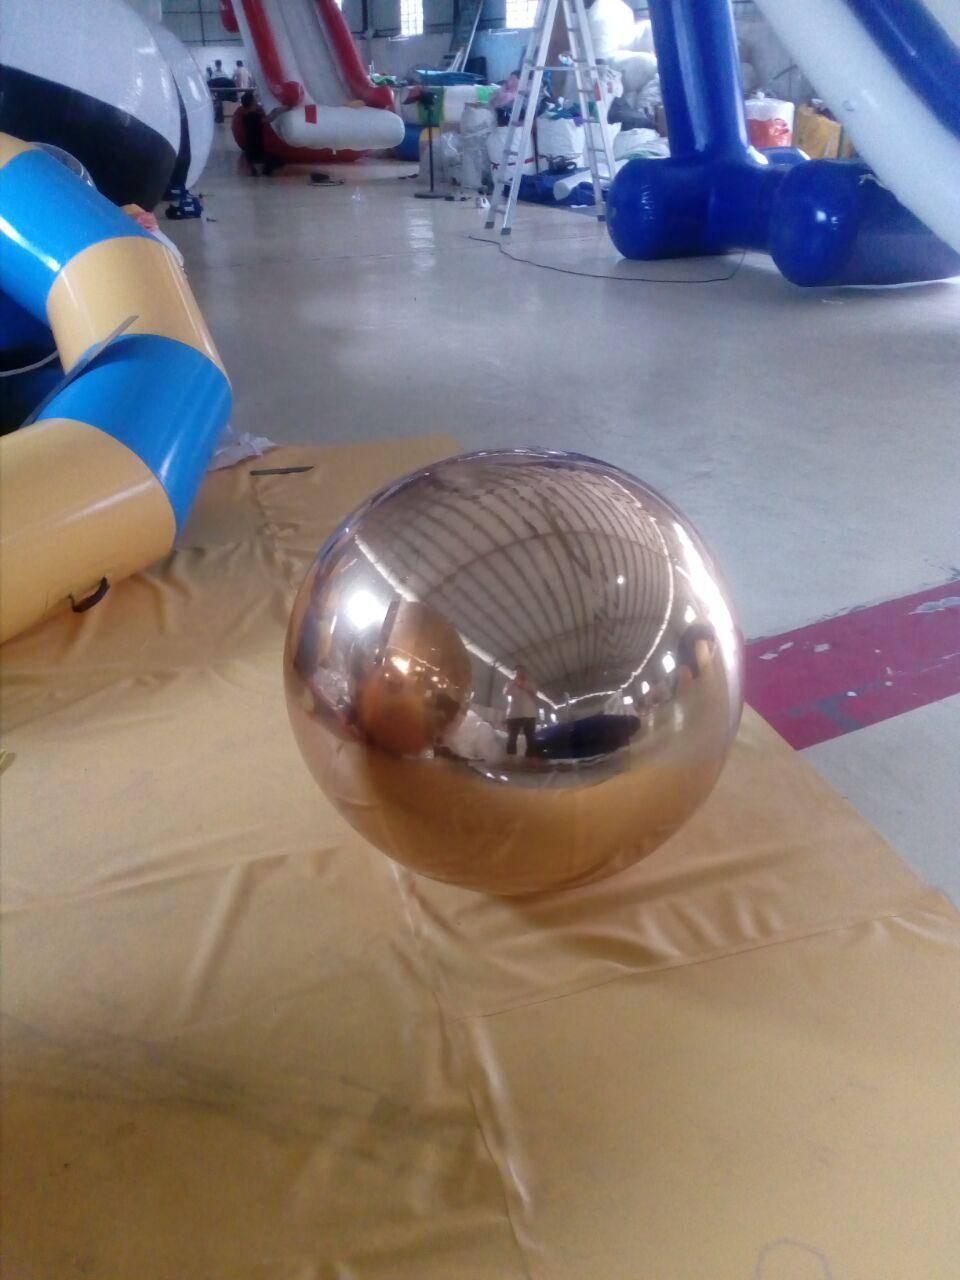 HEIßER Ballon Gonflable 1,5 m Gold DecorationI Aufblasbare Spiegel Ball Werbung Aufblasbare Ballon - 3